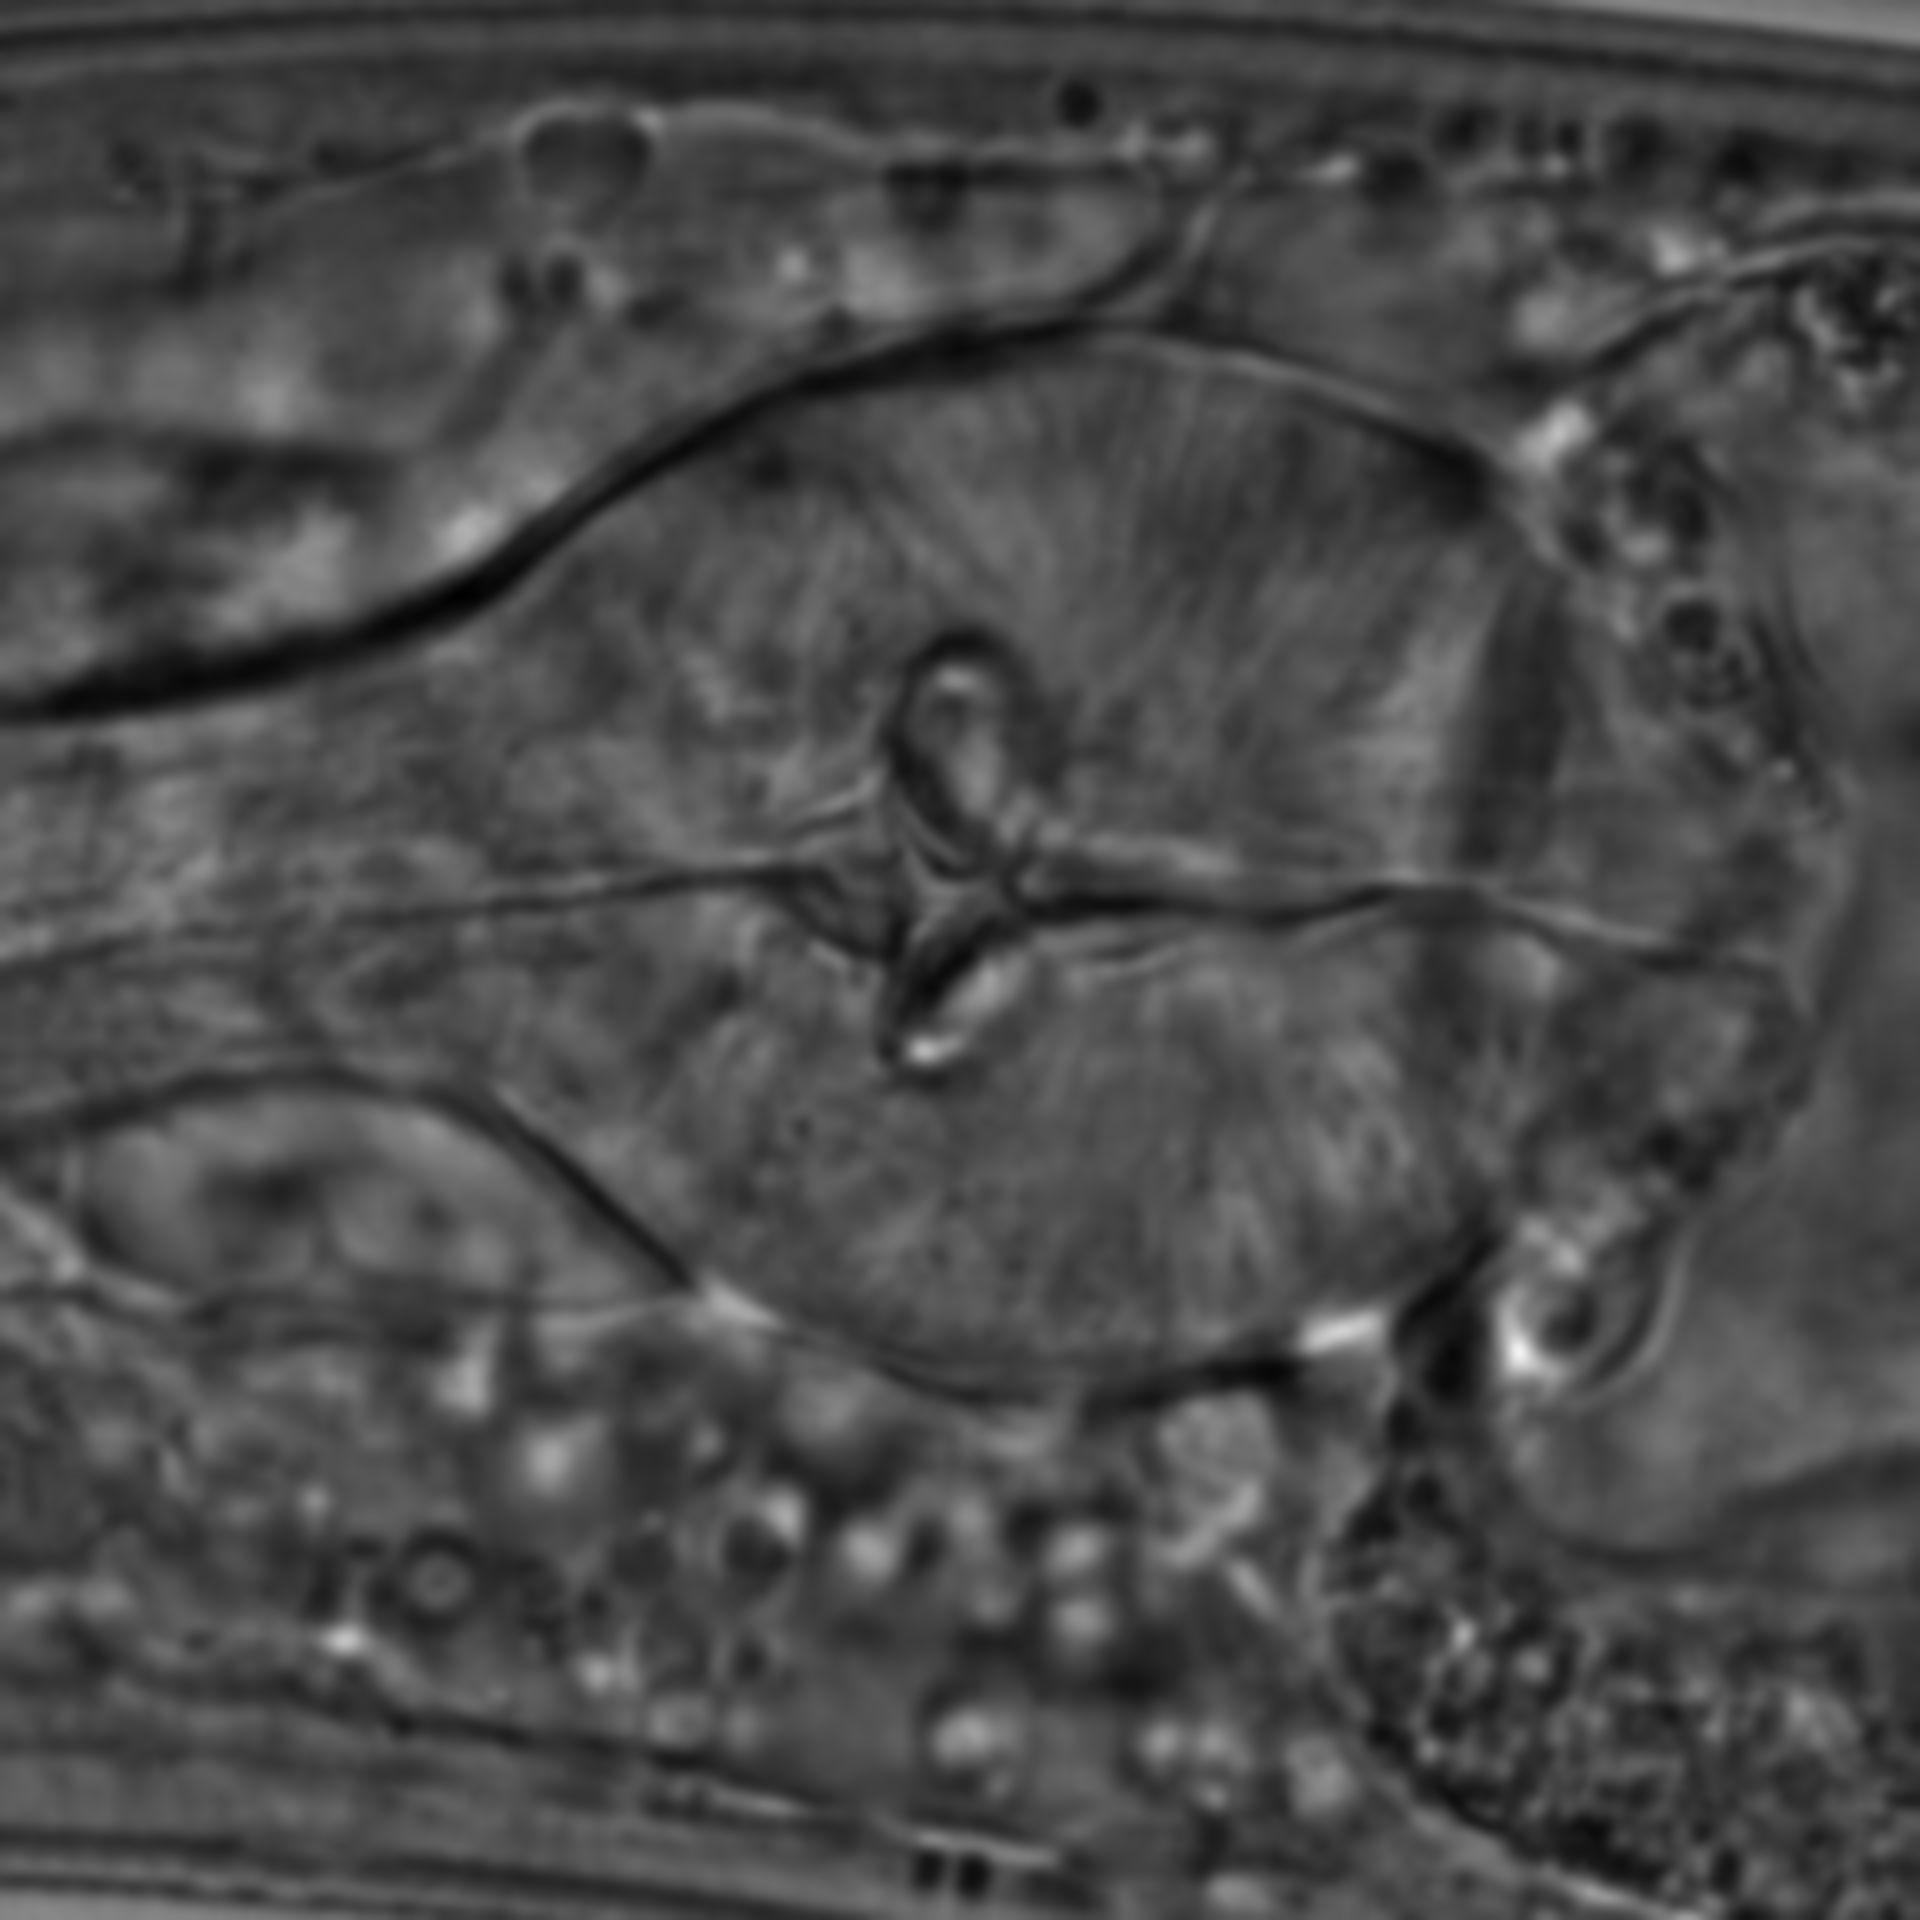 Caenorhabditis elegans - CIL:1613